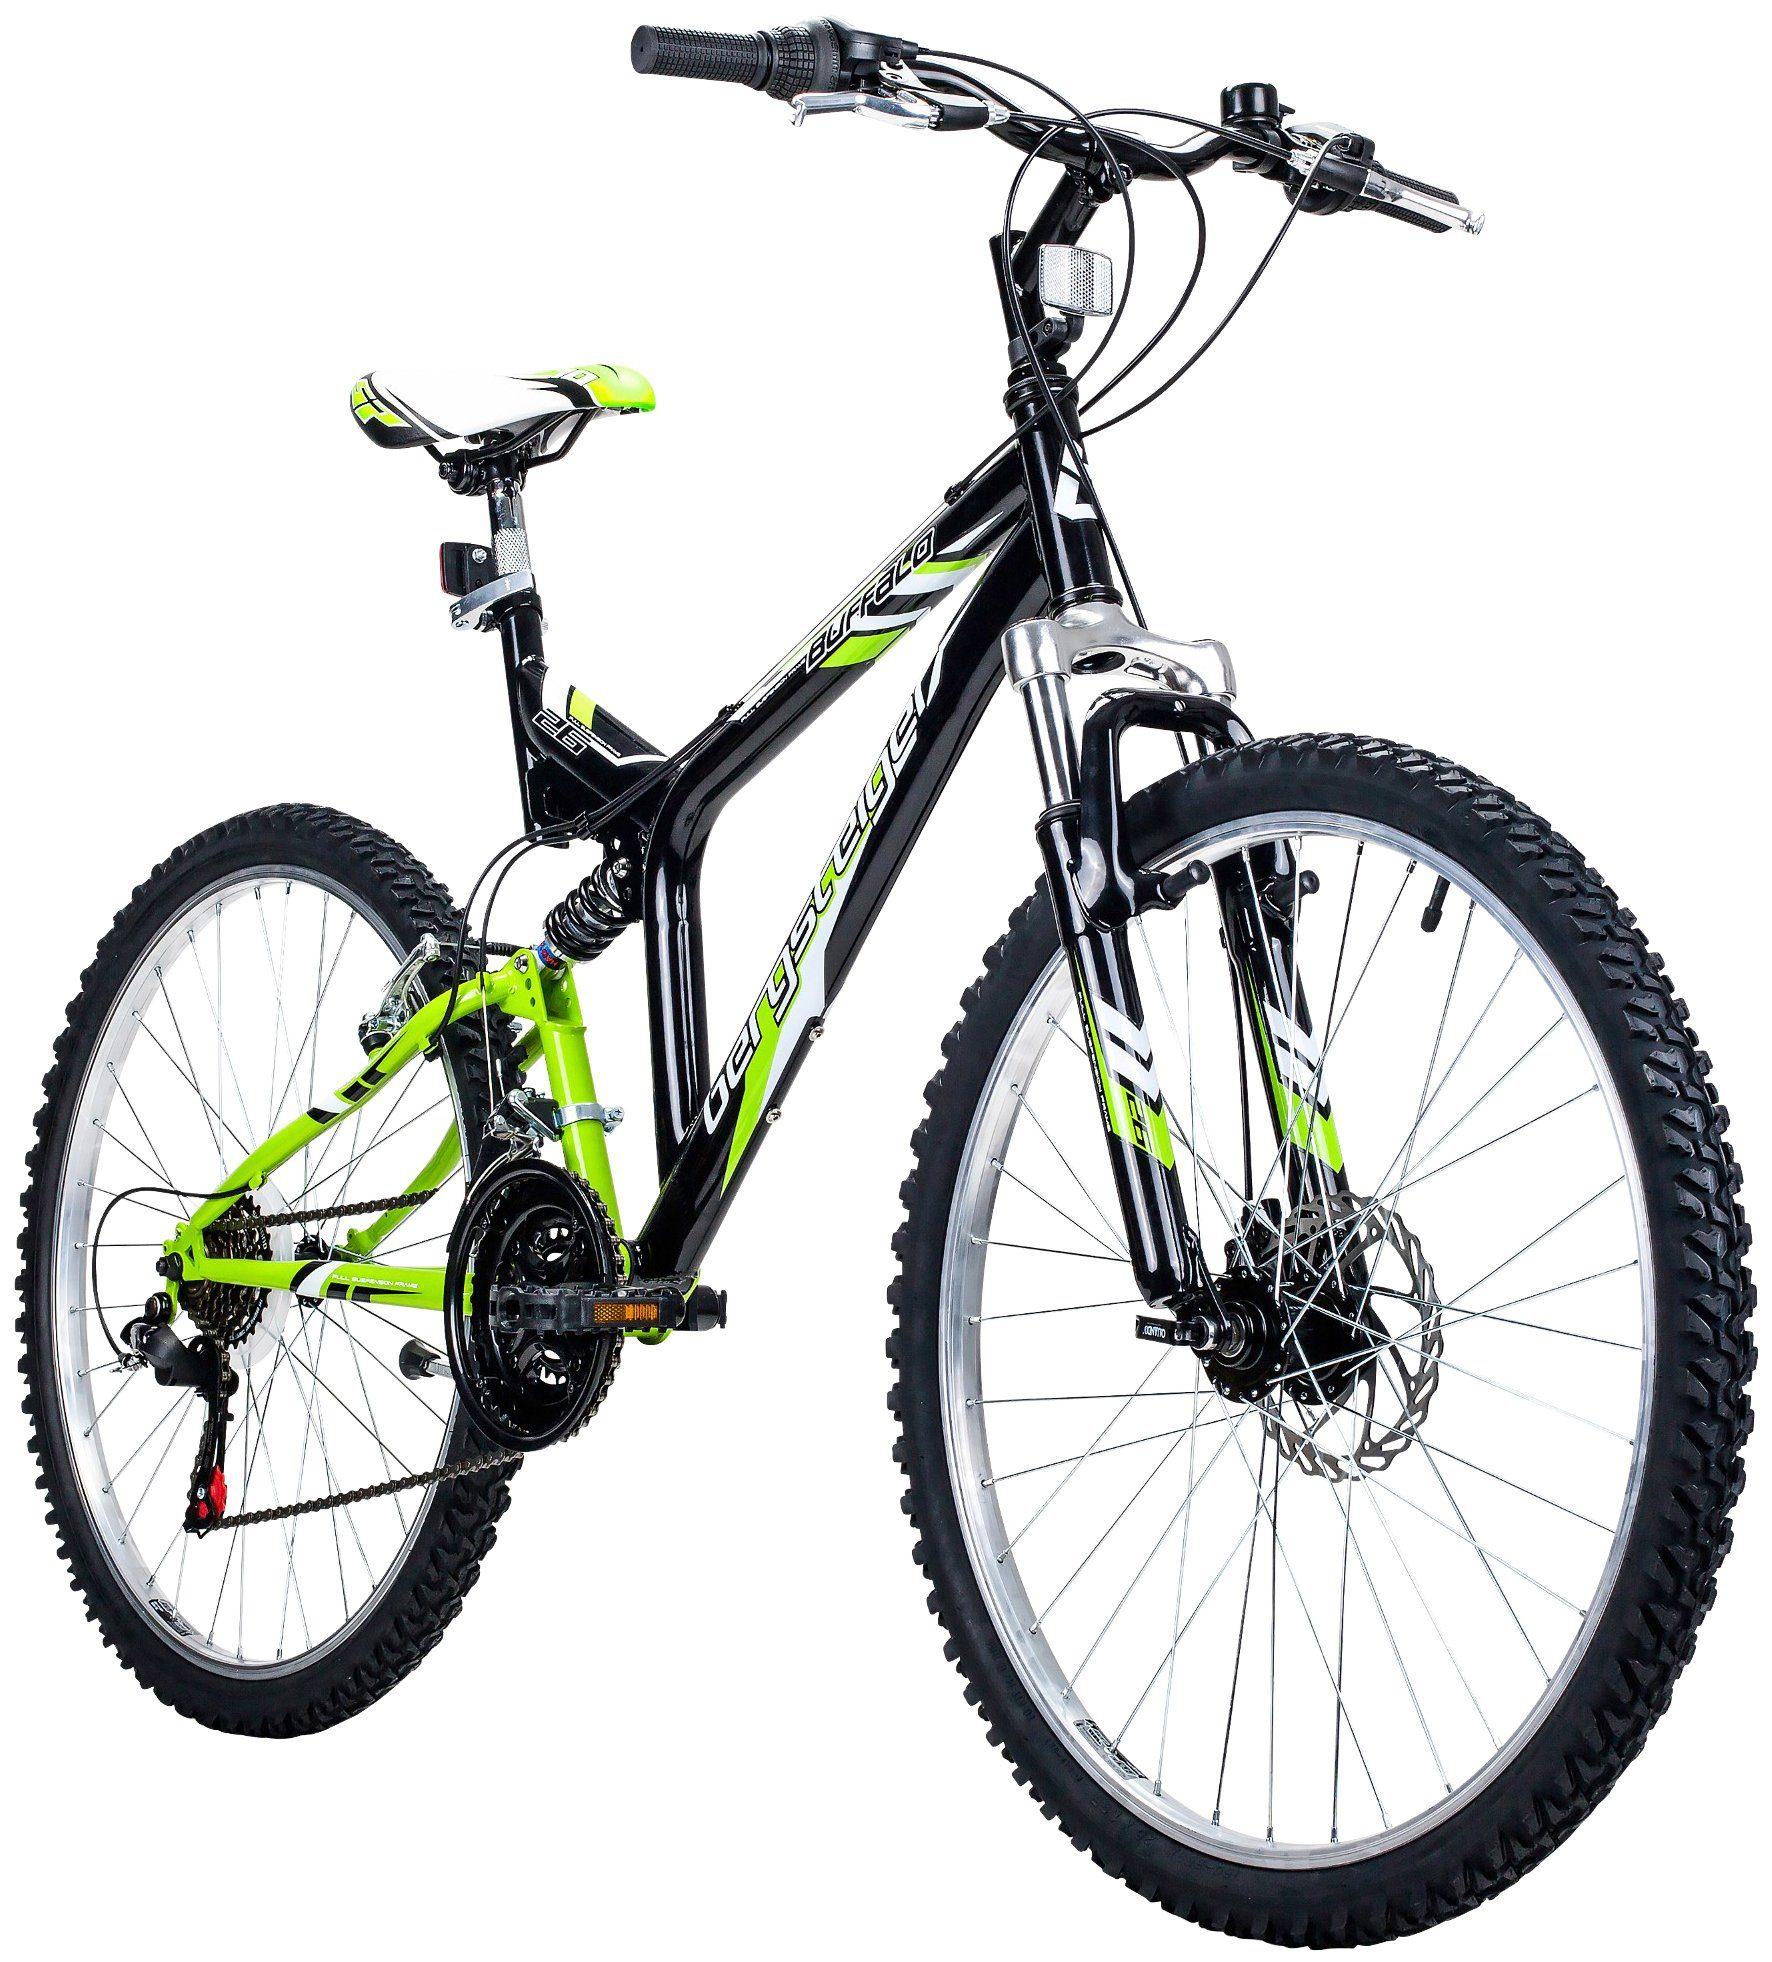 Bergsteiger Mountainbike »Buffalo«, 26 Zoll, 18 Gang, Scheibenbremse